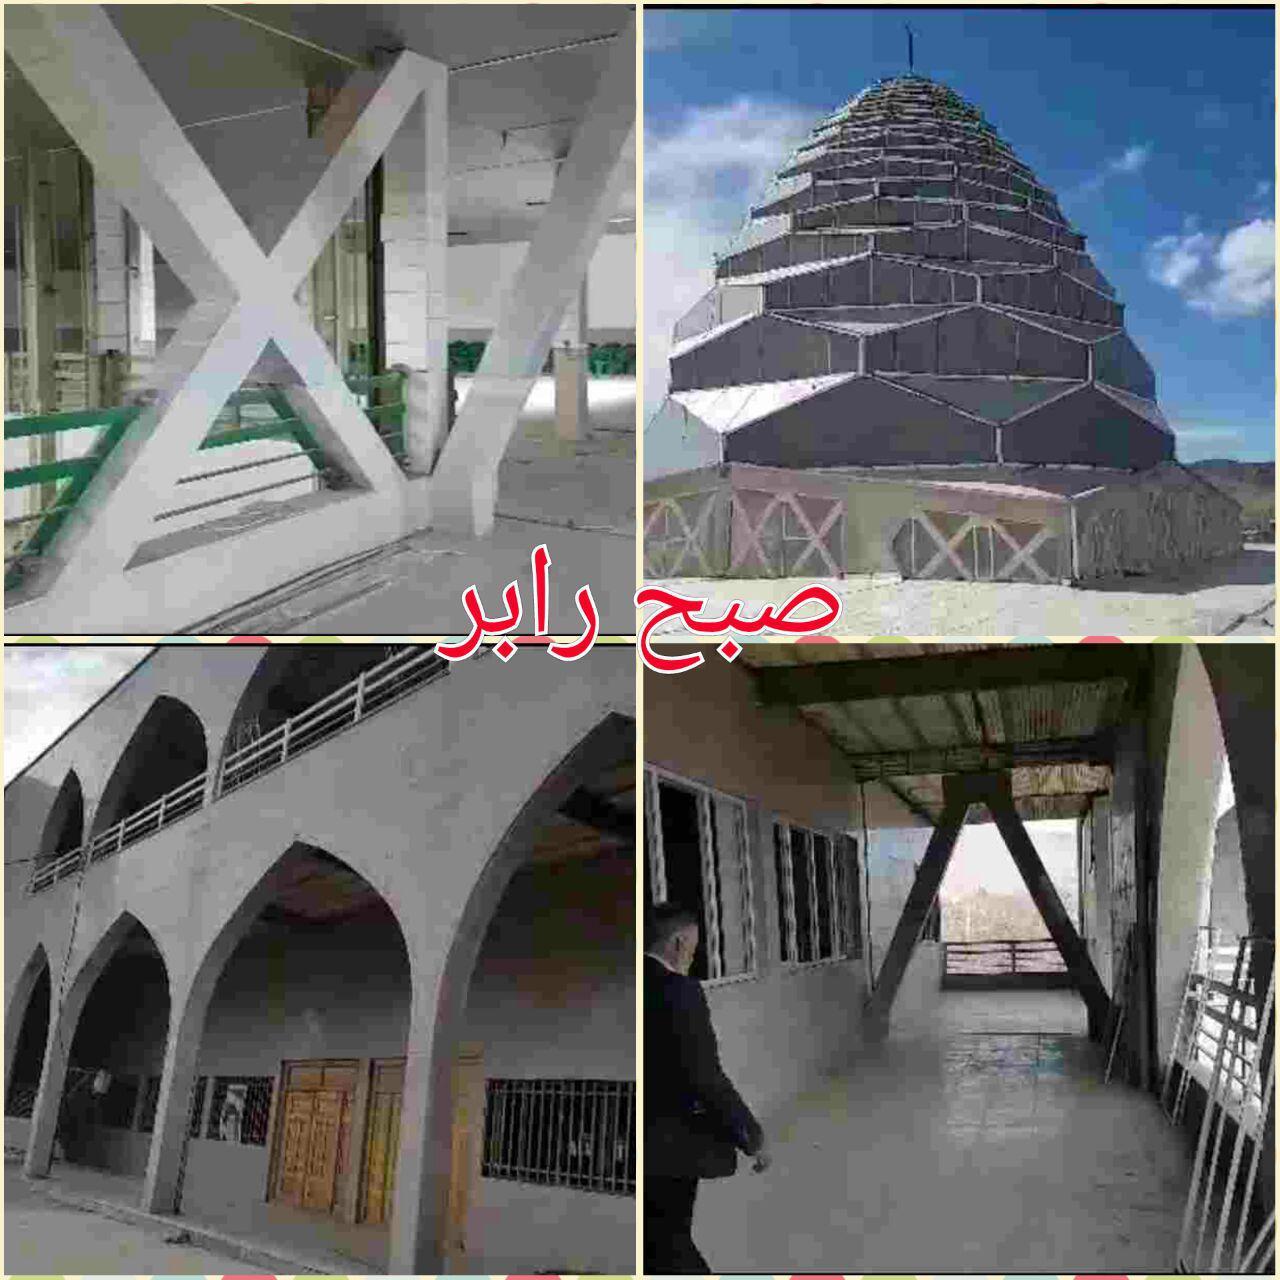 ساخت بزرگترین مصلی جنوب شرق استان توسط واقف رابری